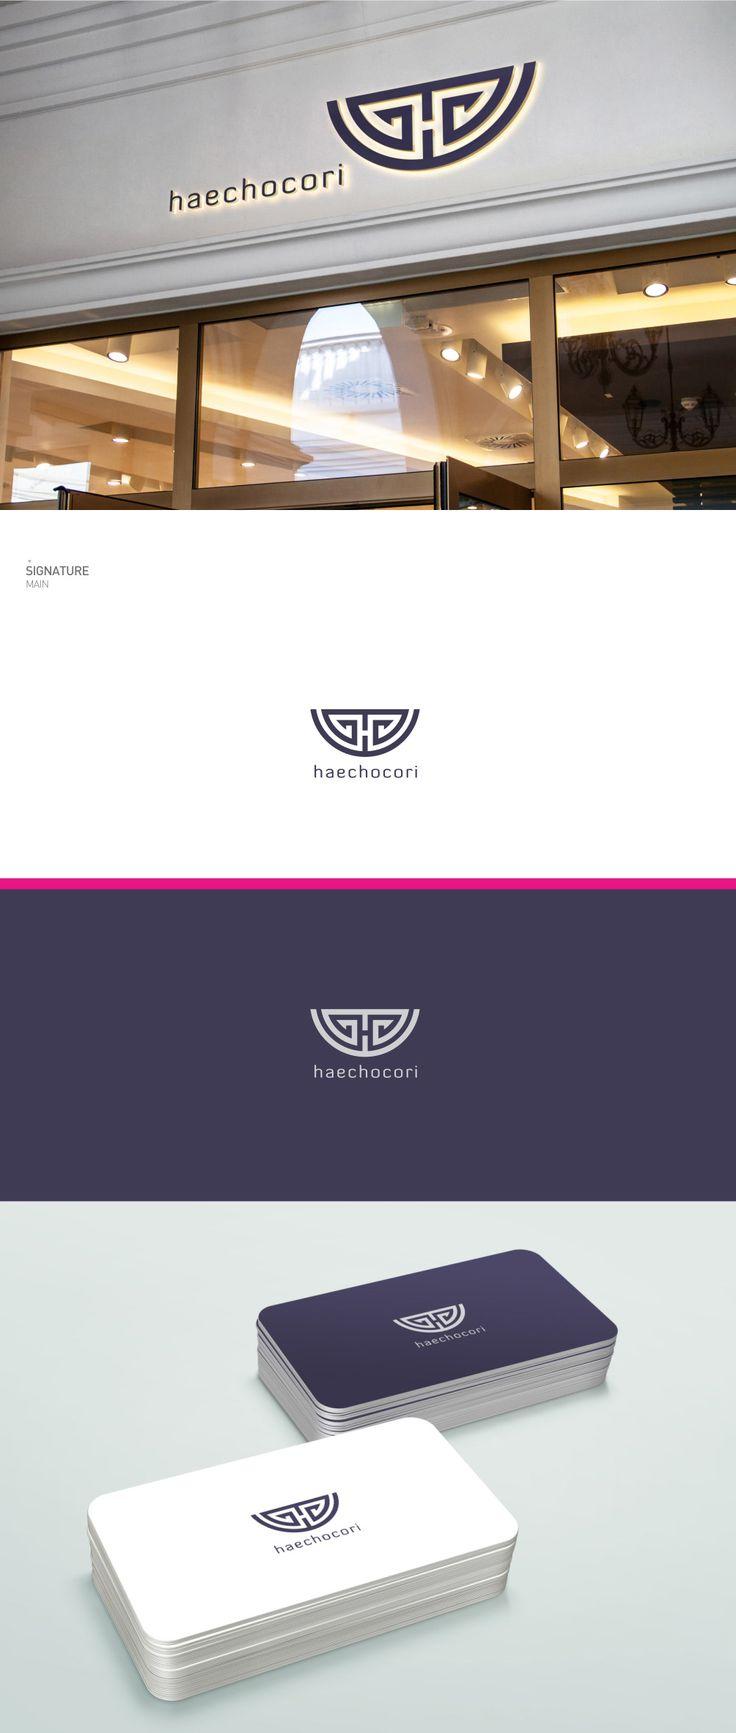 haechocori / Design by hellodesign